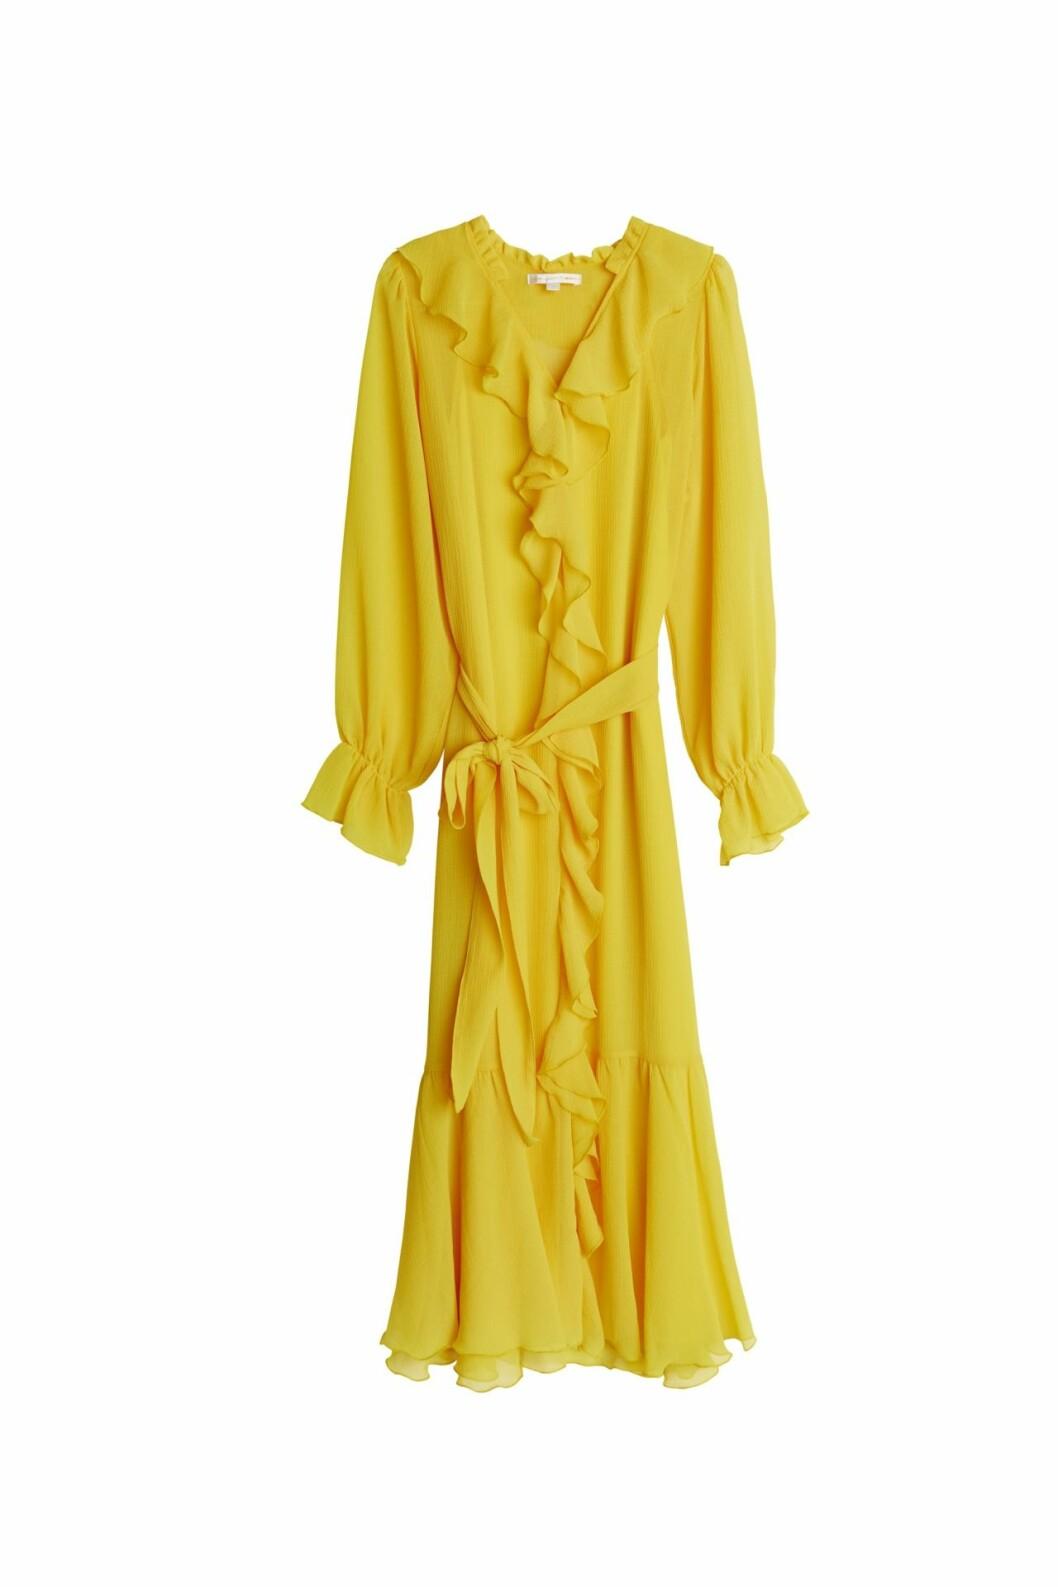 Maja Nilsson Lindelöf släpper kollektion med Gina tricot –gul maxiklänning